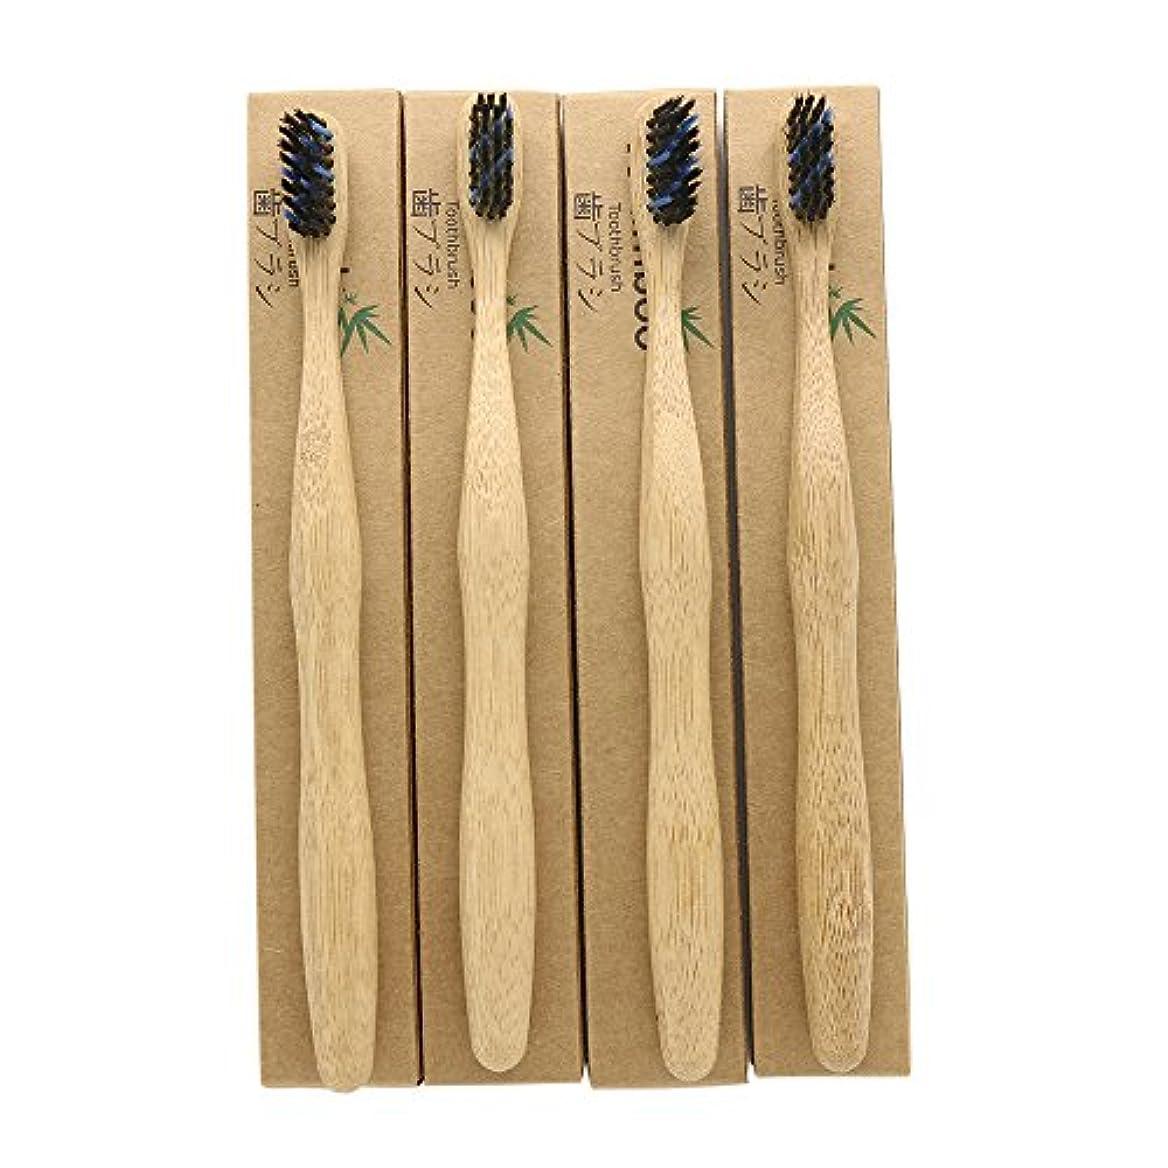 させる表向き些細なN-amboo 竹製耐久度高い 歯ブラシ 黒いと青い 4本入り セット